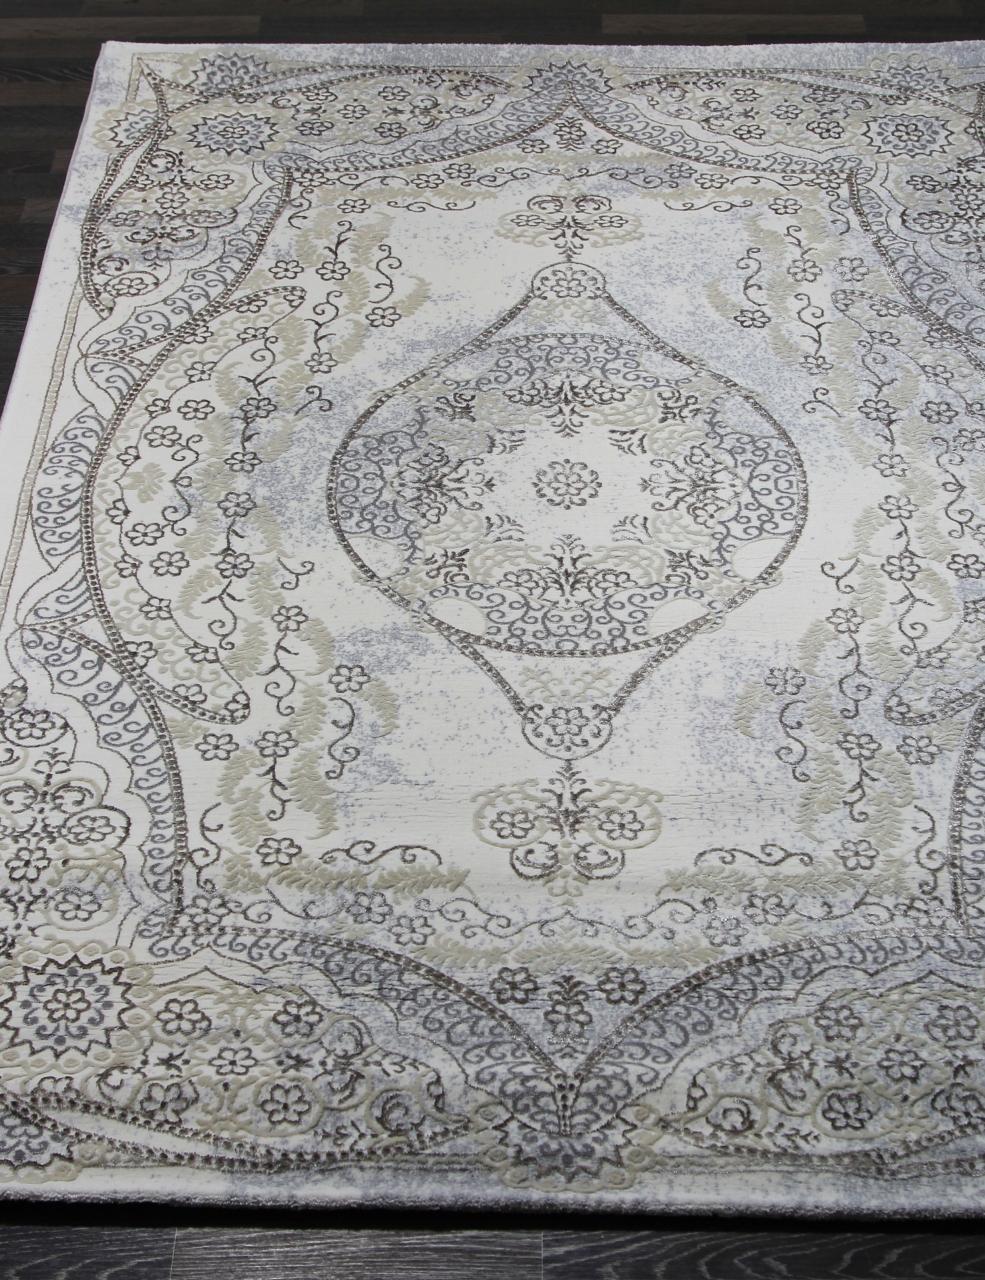 Ковер 16112 - 665 - Прямоугольник - коллекция Elite - фото 1